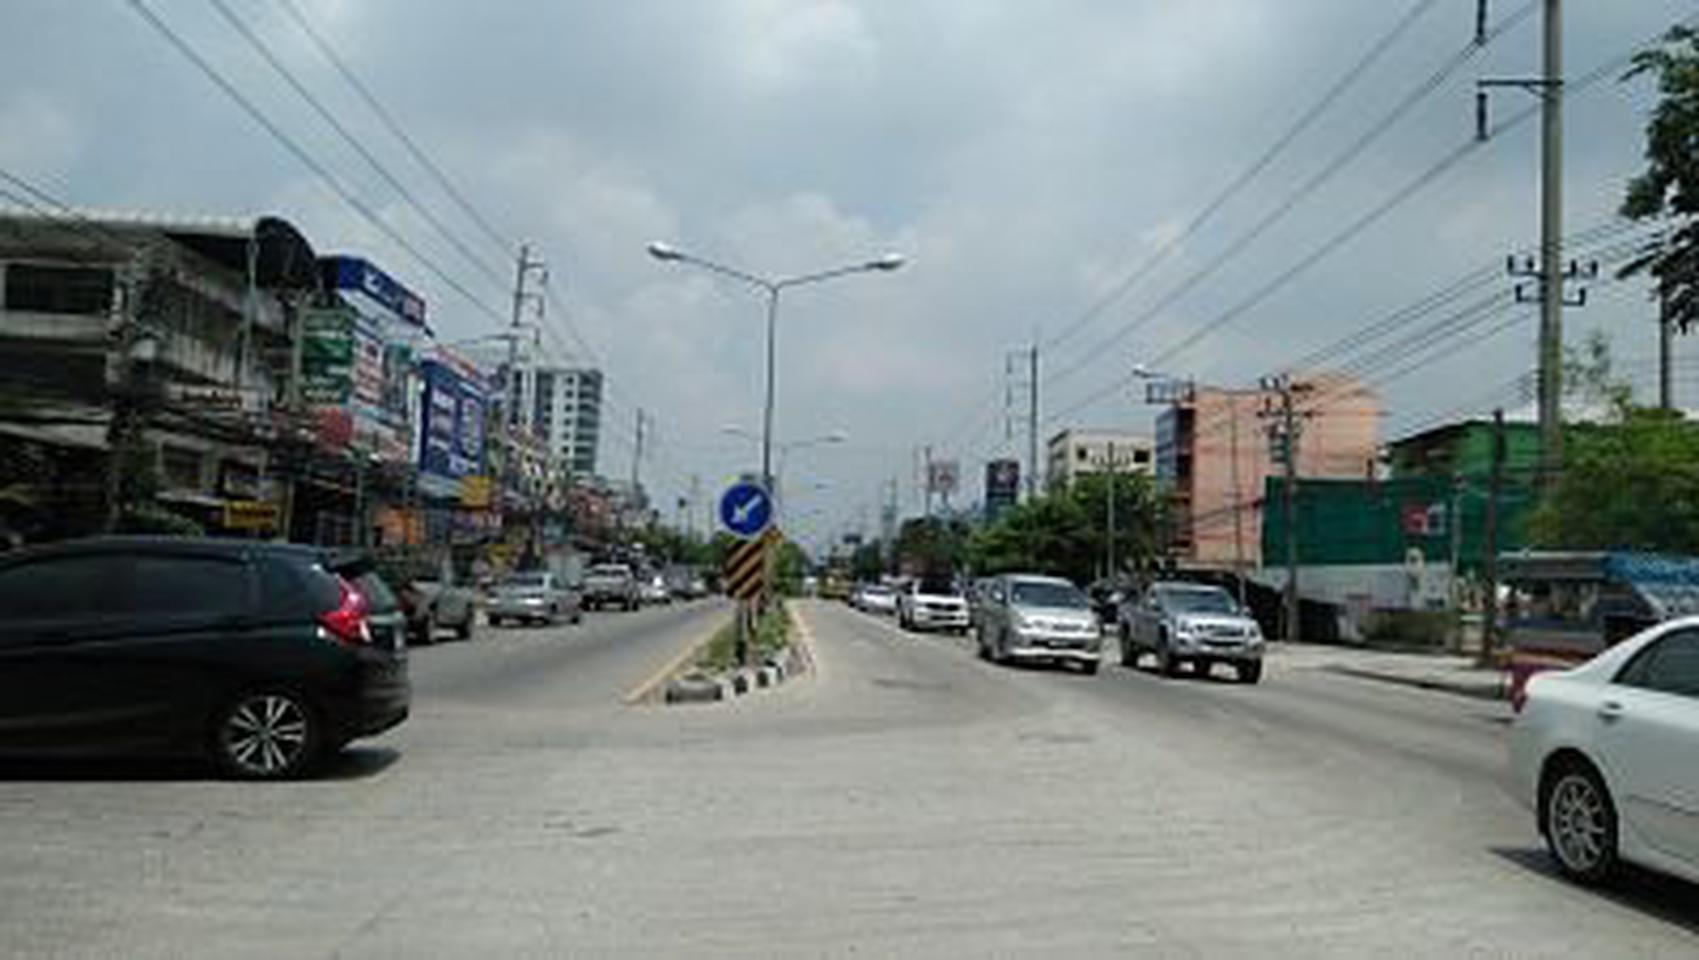 ย่านถนนเทพารักษ์-หนามแดง-สำโรง พร้อมต้นมะม่วงใหญ่หลายสิบปี ร รูปที่ 2